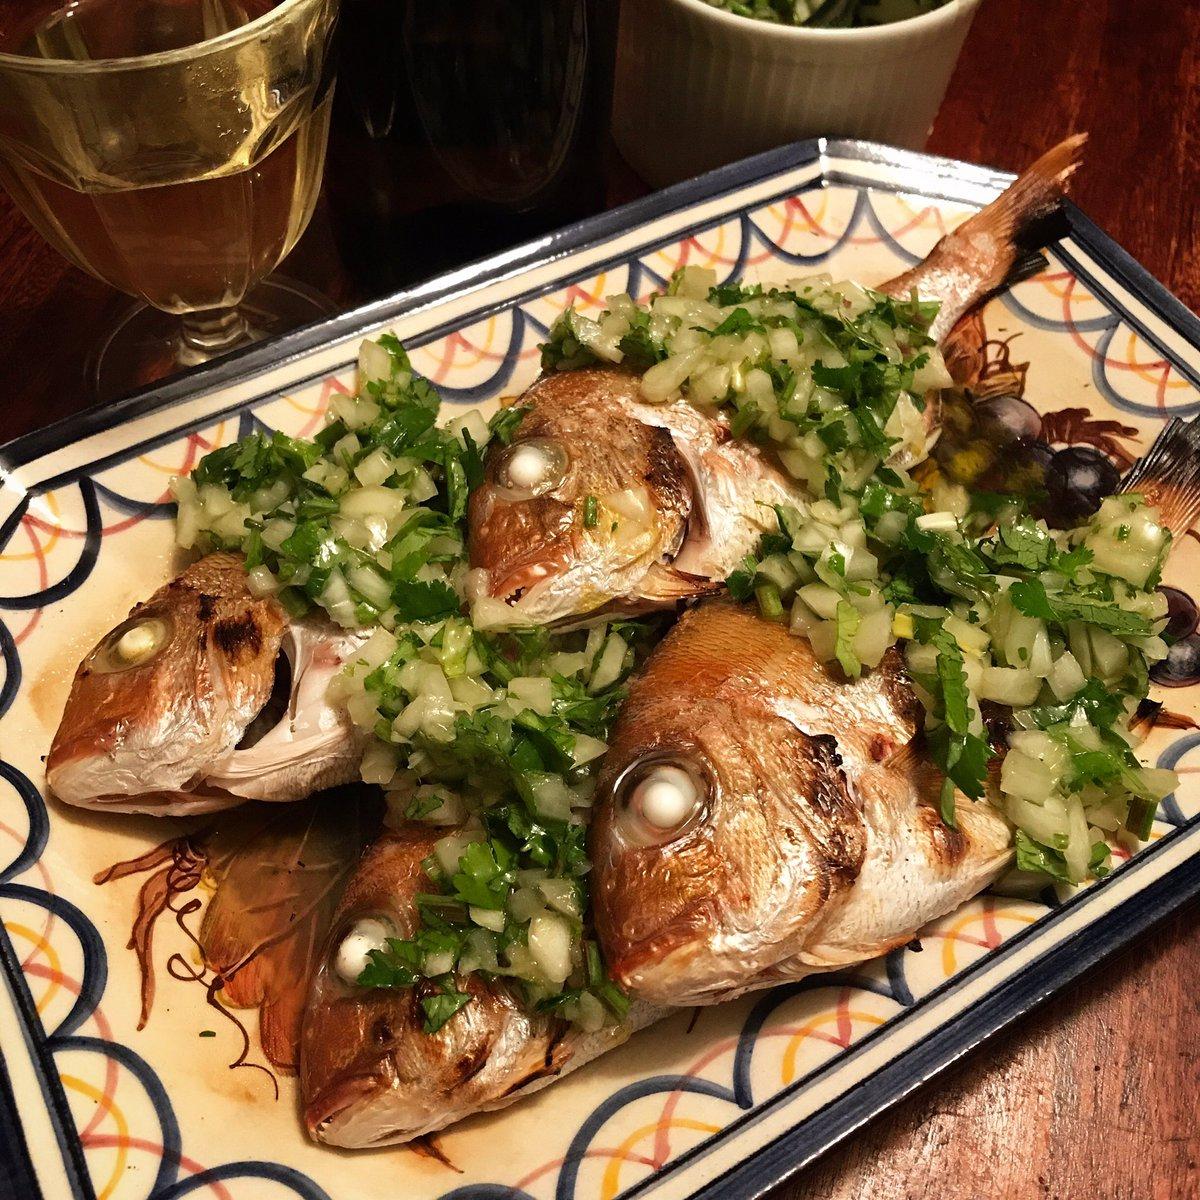 すごく美味しそう!海外を訪れたときに知ったという、魚の塩焼きの食べ方!